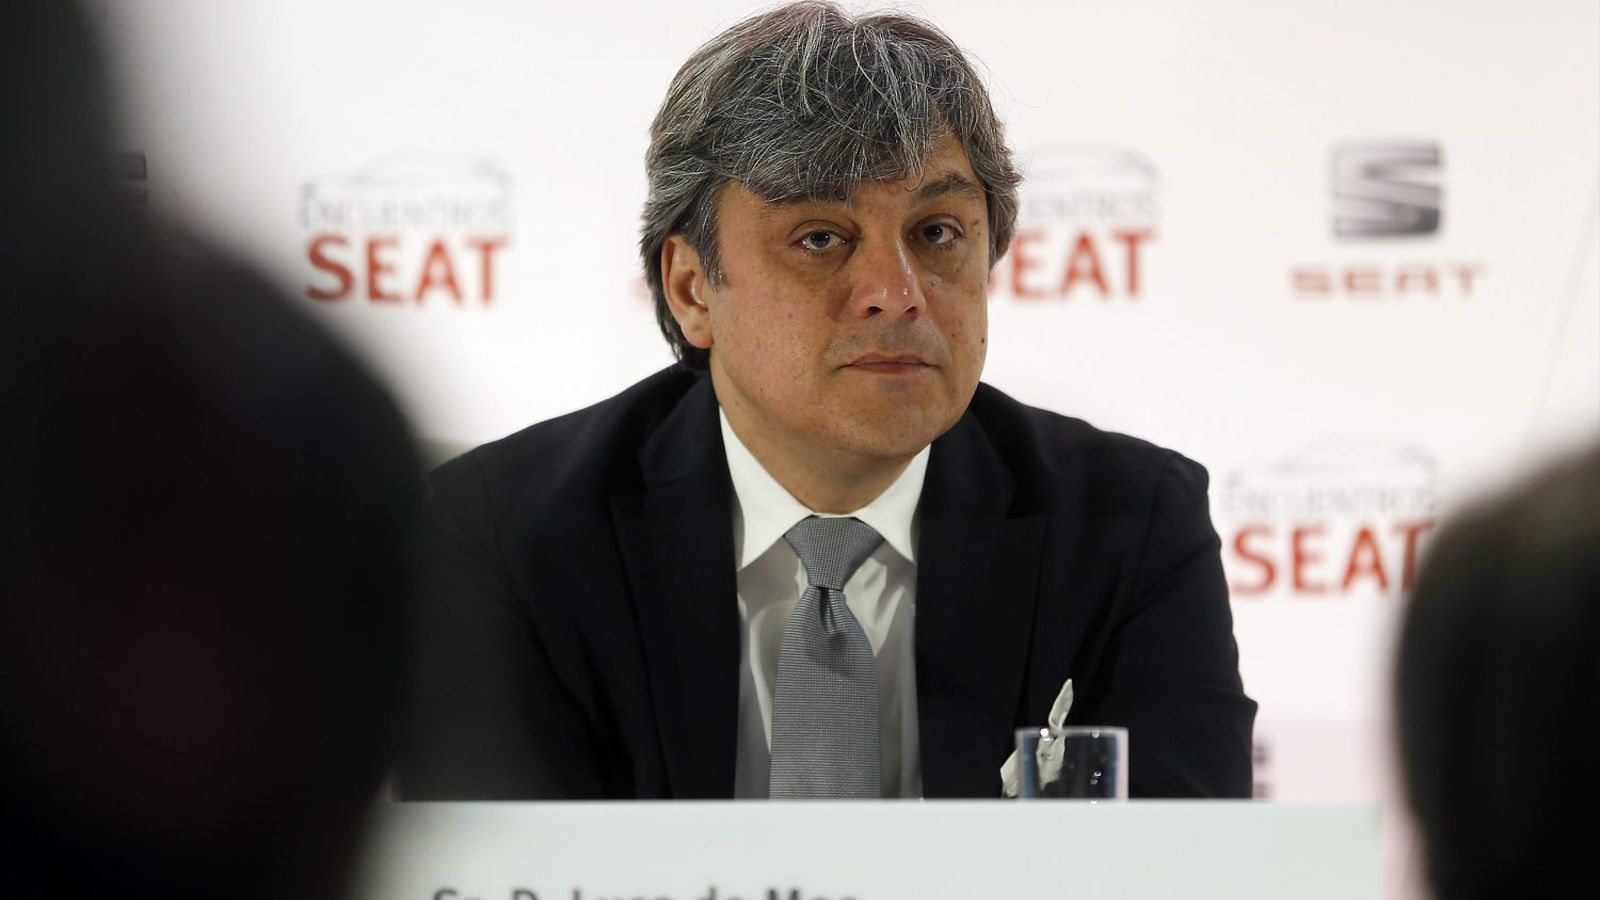 El nou president de Seat, Luca de Meo, va minimitzar el pes de l'escàndol del dieselgate per a la firma catalana.